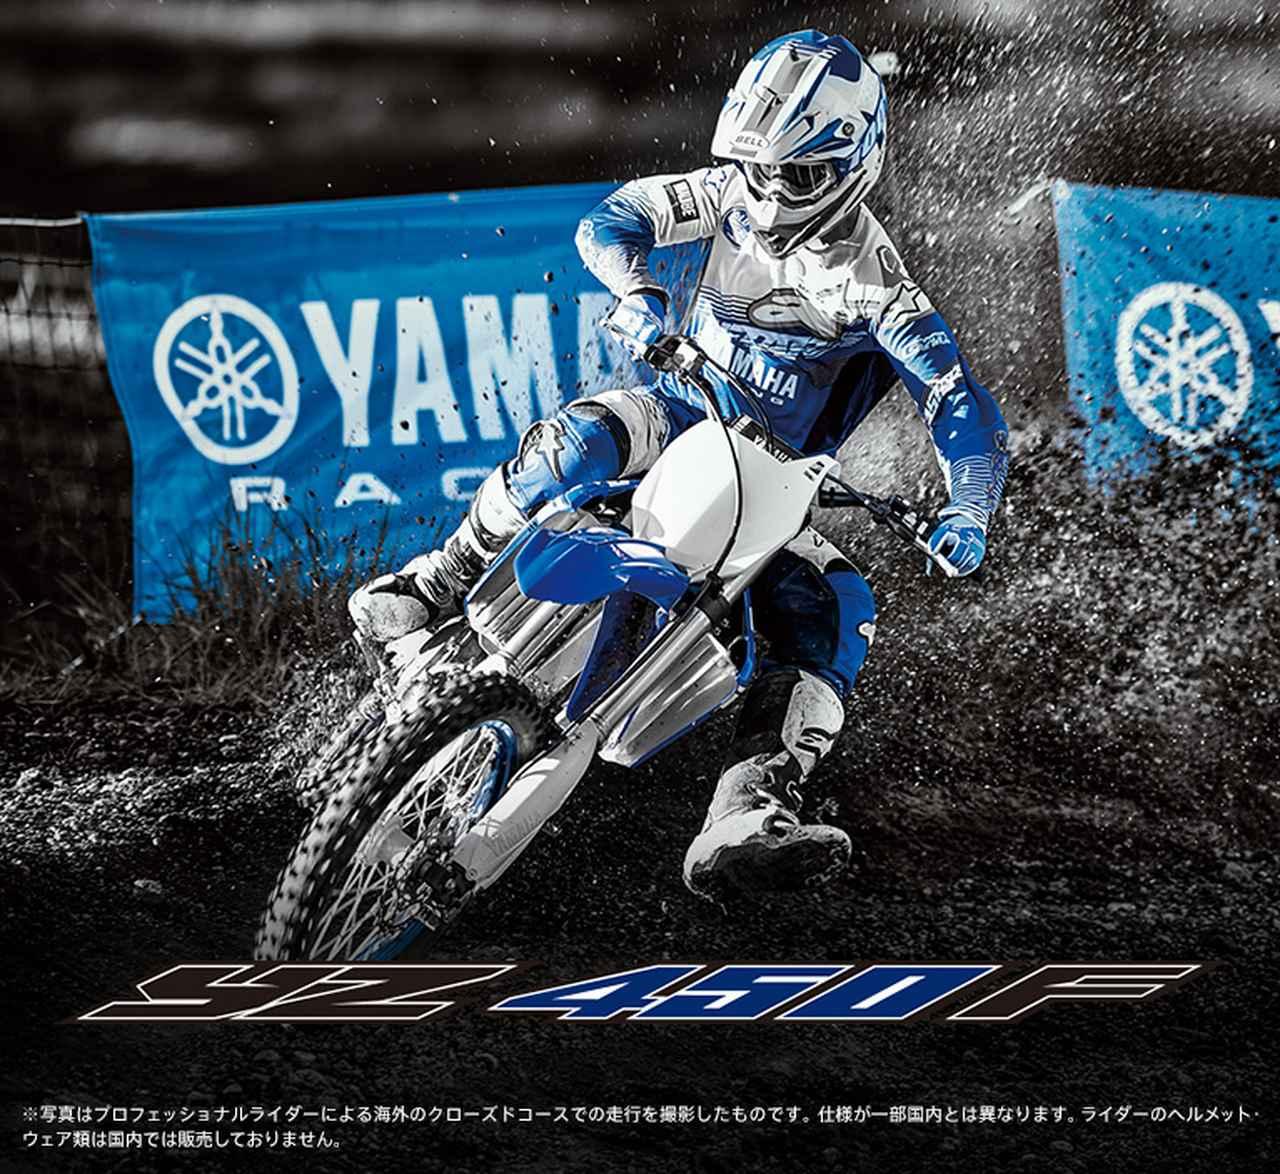 画像: YZ450F - バイク・スクーター ヤマハ発動機株式会社